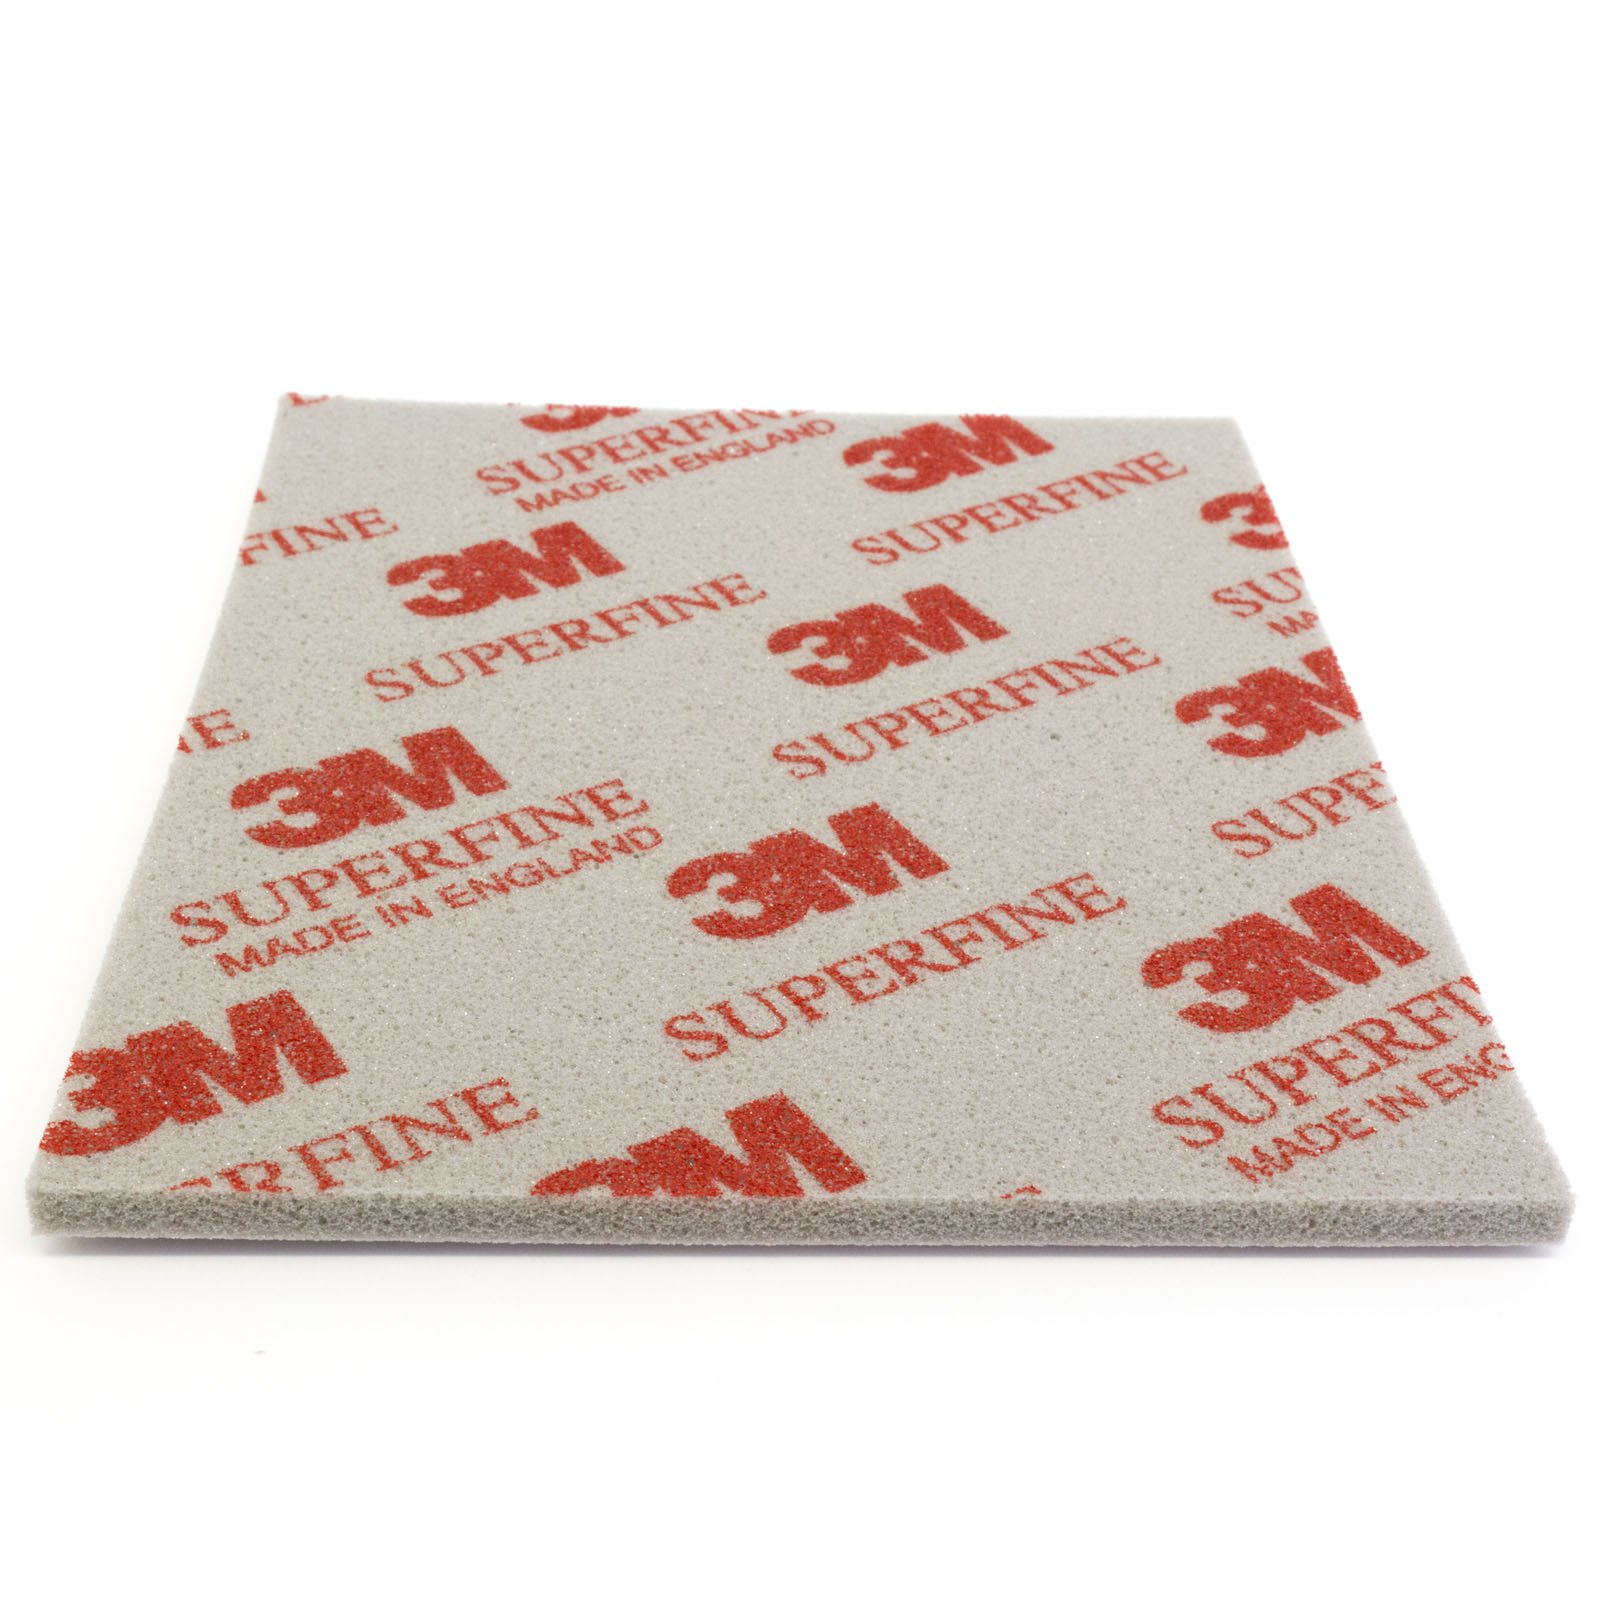 3M Esponjas de lija 4 unidades fina, superfina, ultrafina, microfina